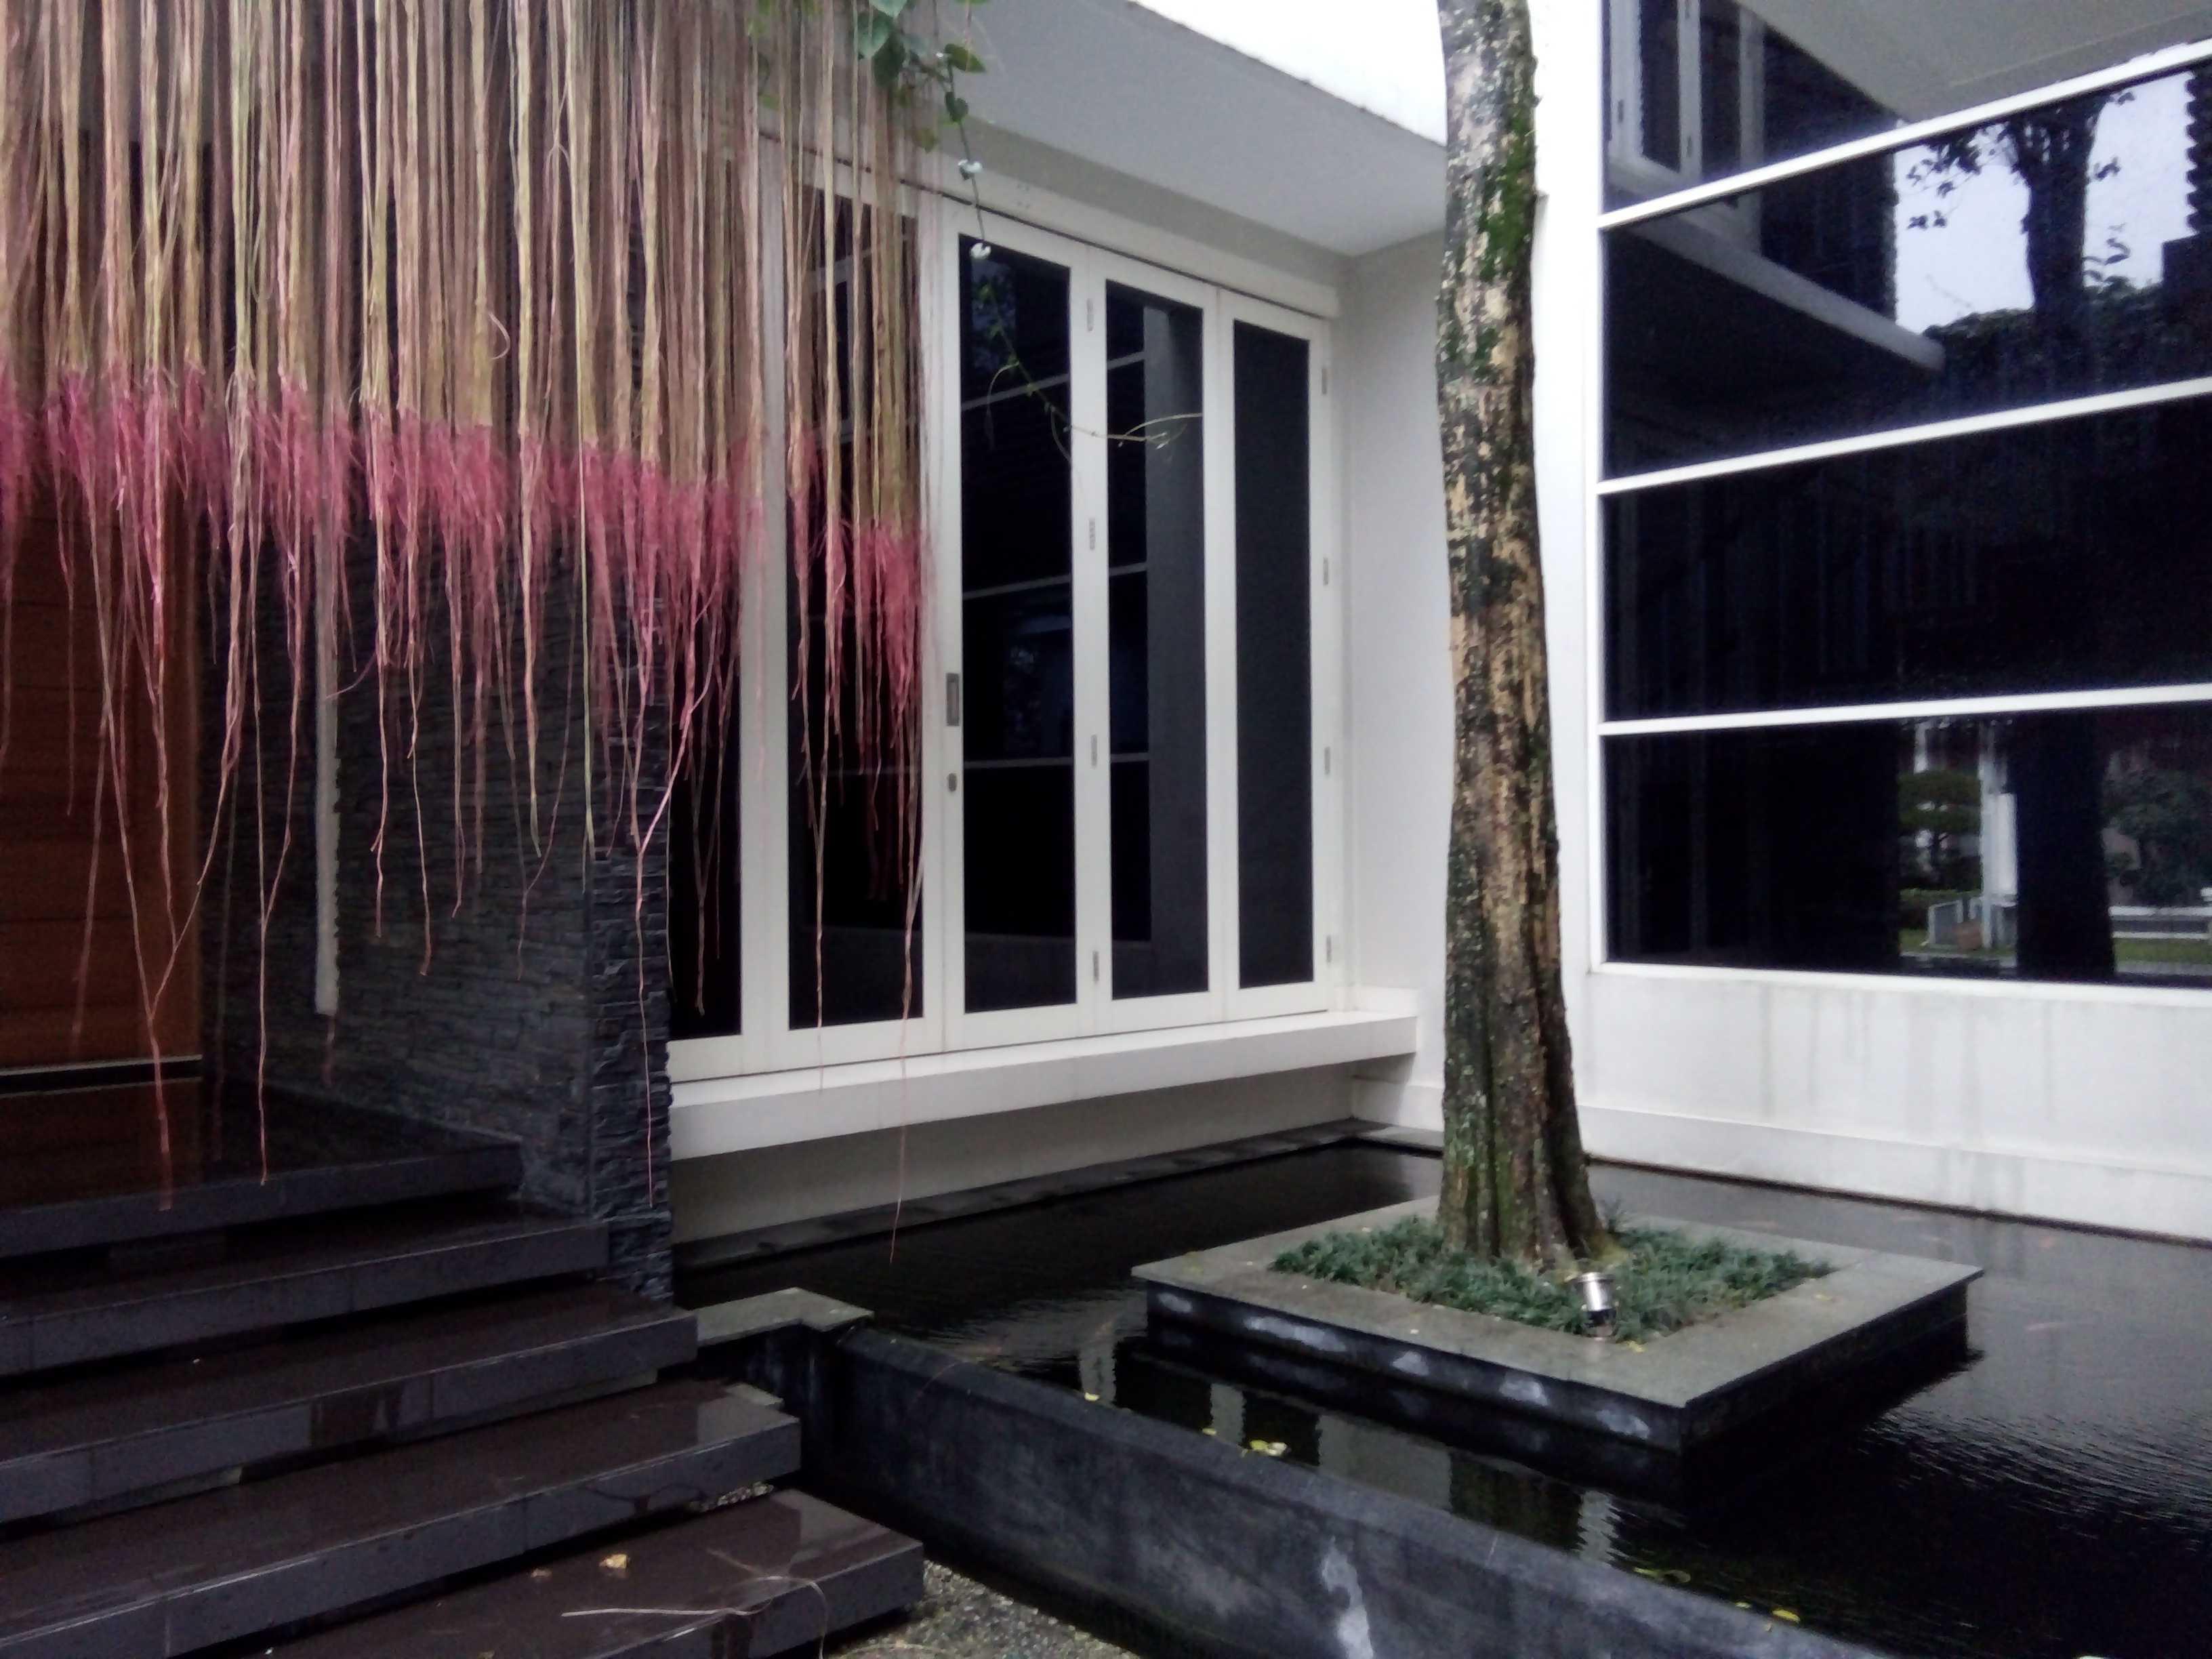 Aditya Wijaya / Studio Indirakasa 11 House Yogyakarta Yogyakarta Pond Kontemporer  17384